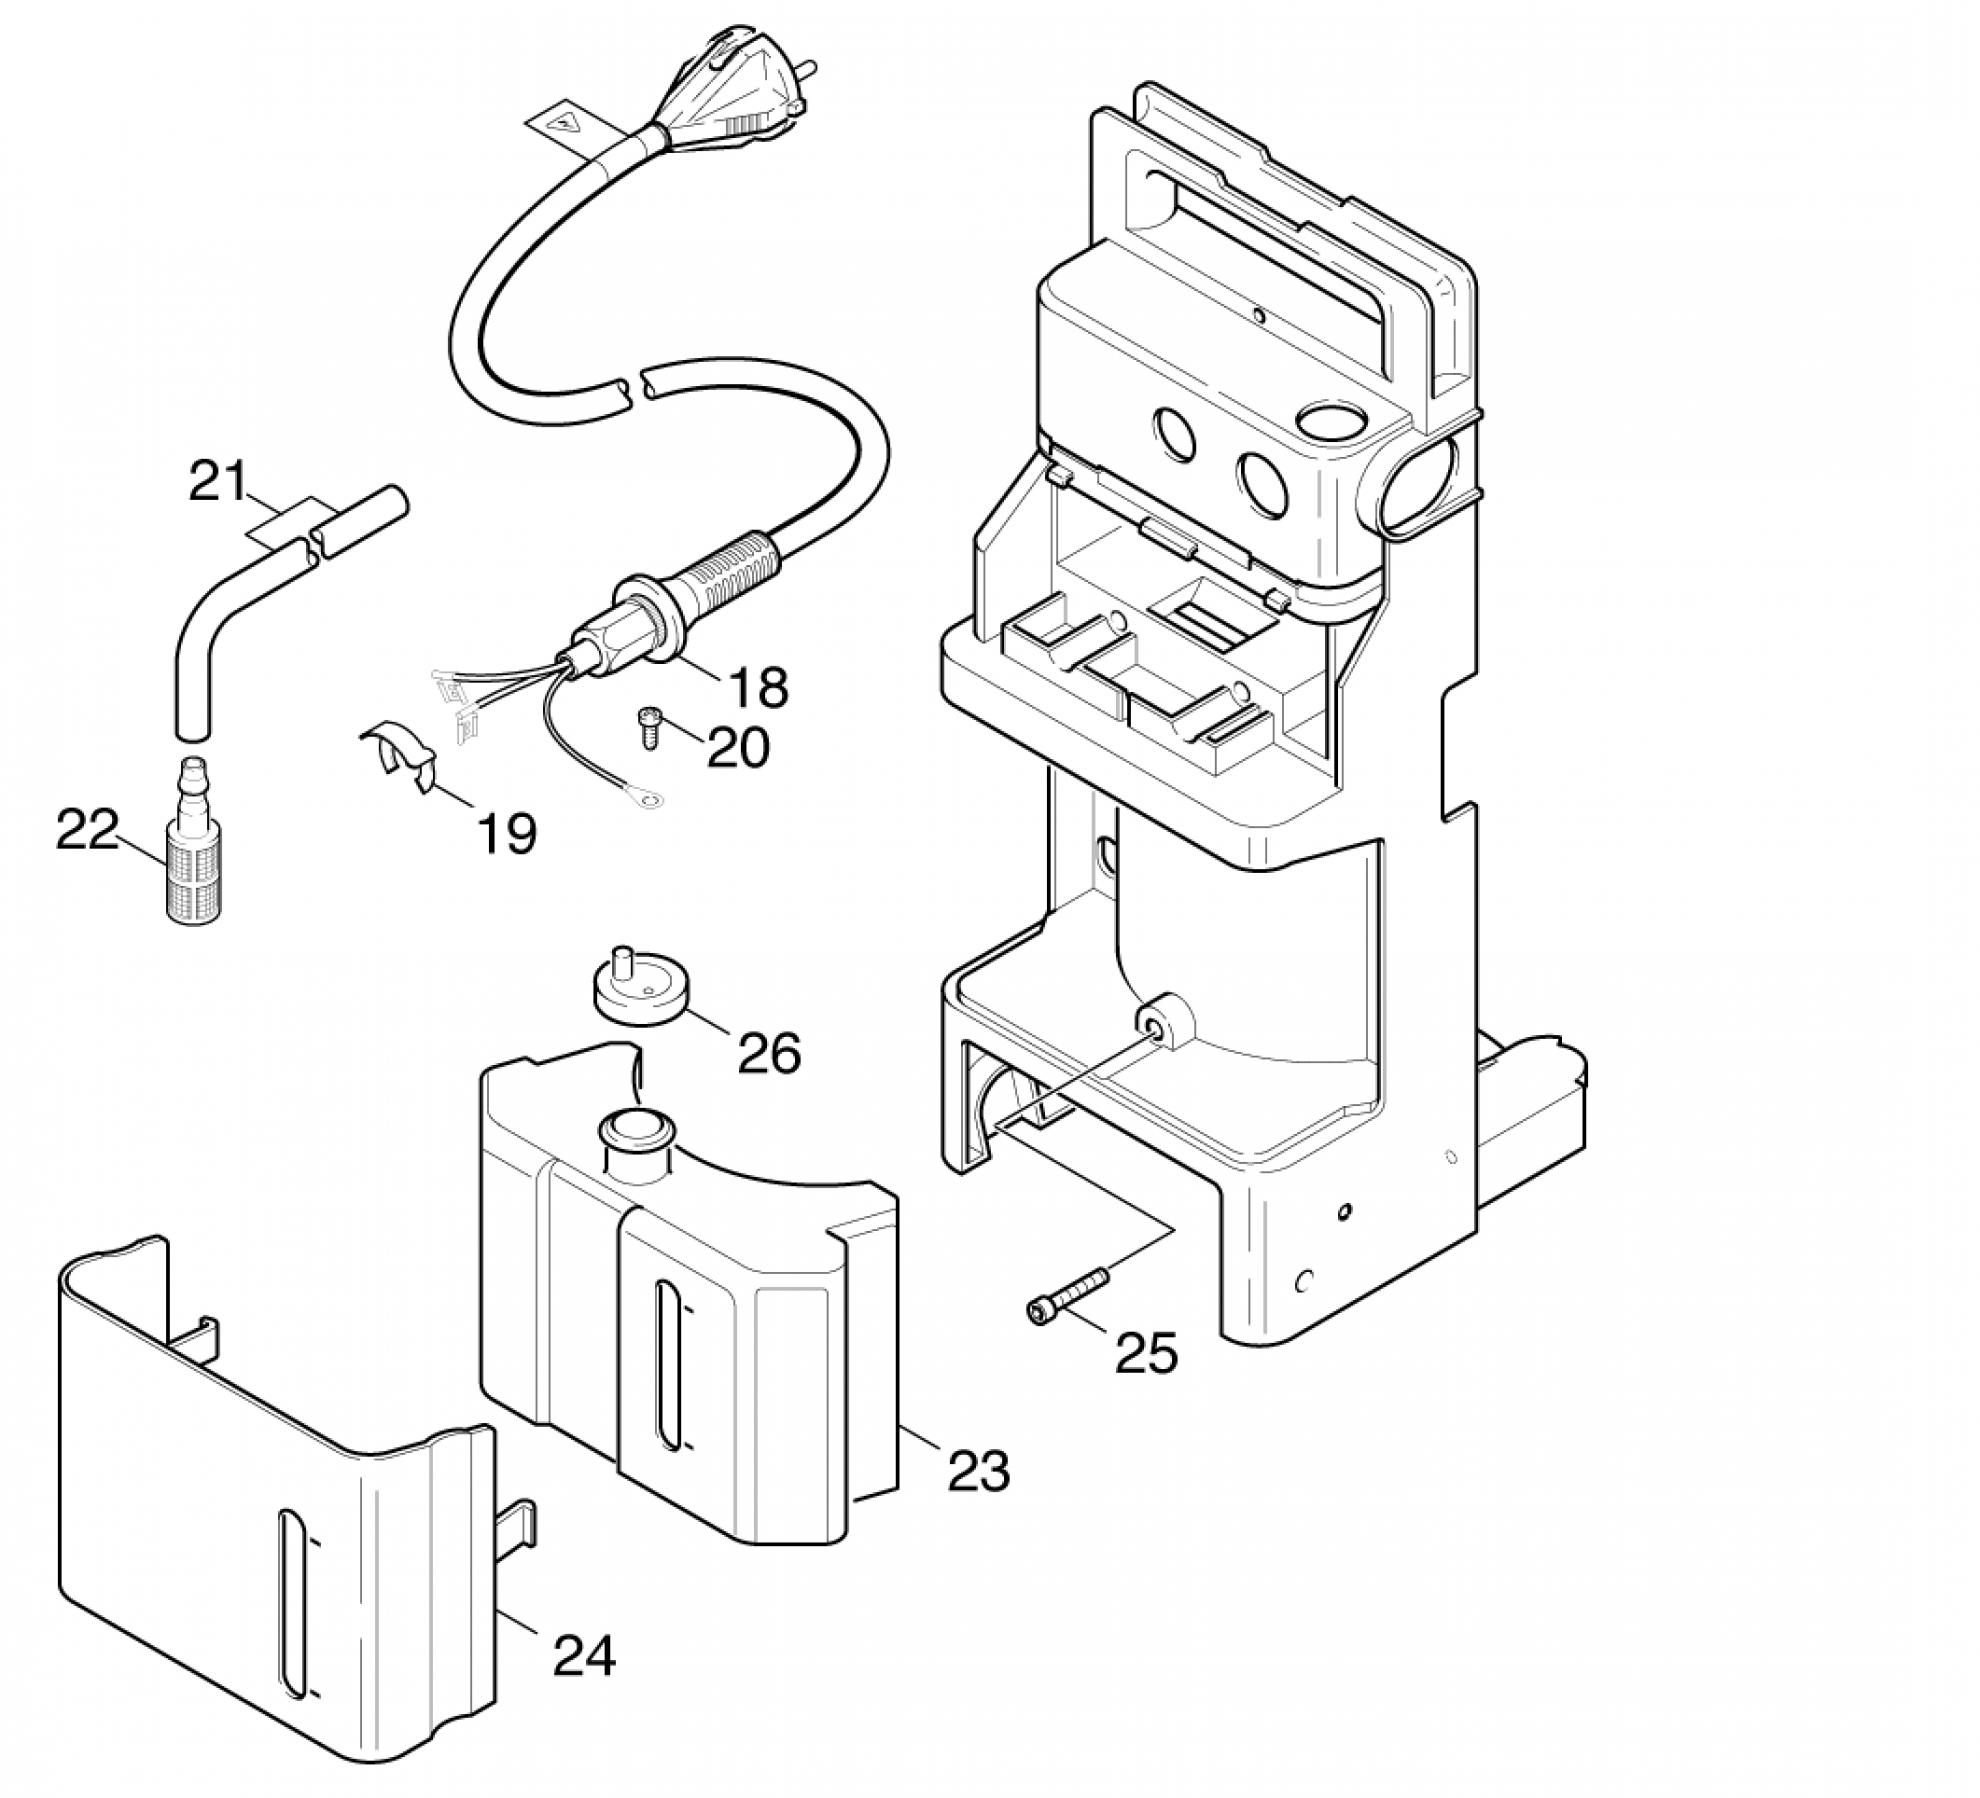 pi ces d tach es nettoyeur haute pression karcher k 720 m. Black Bedroom Furniture Sets. Home Design Ideas